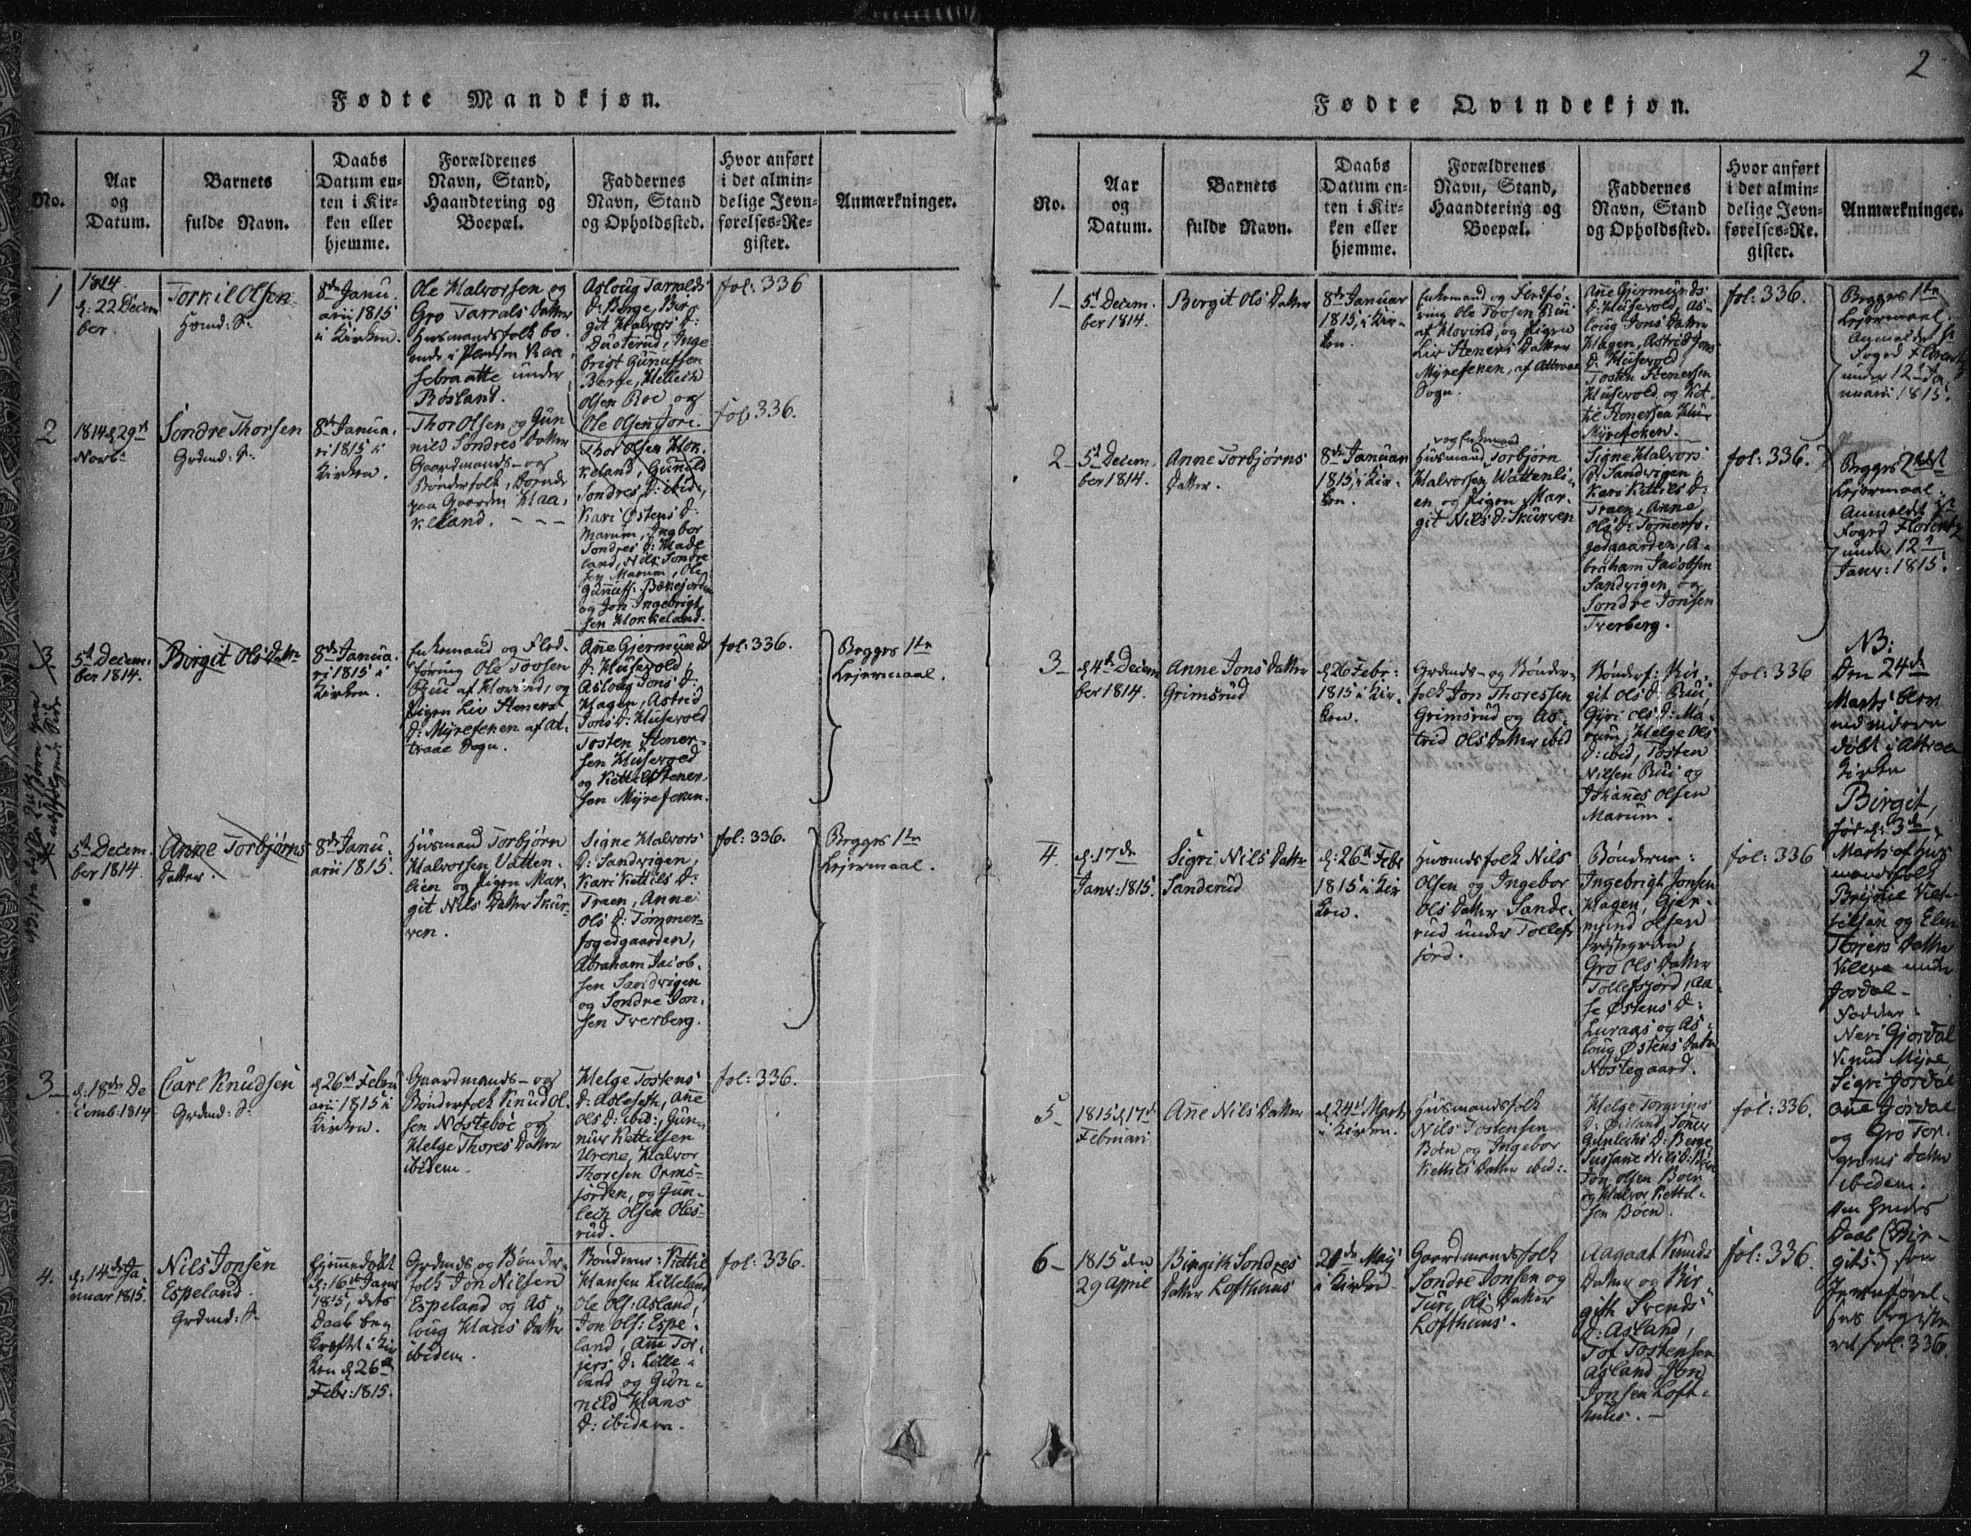 SAKO, Tinn kirkebøker, F/Fa/L0004: Ministerialbok nr. I 4, 1815-1843, s. 1b-2a